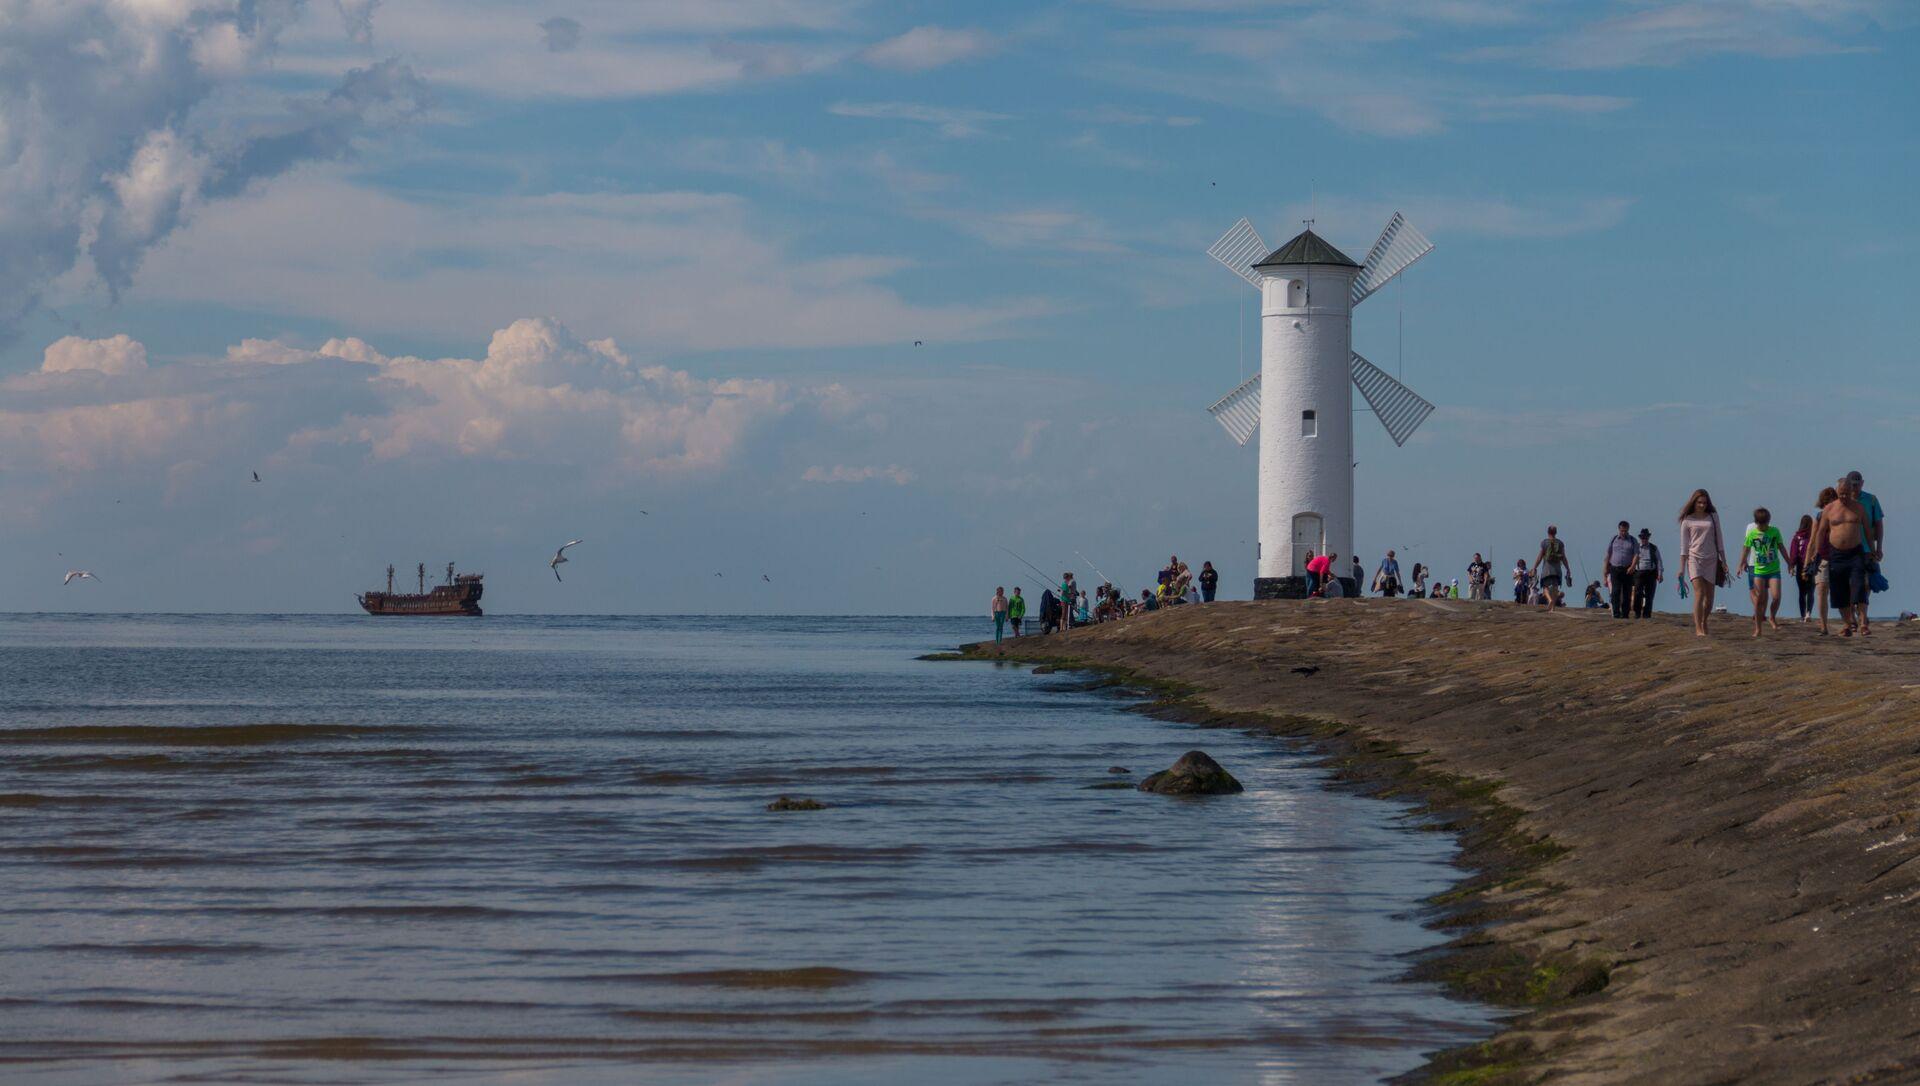 Latarnia morska w formie wiatraka dla statków wpływających do portu w Świnoujściu od strony Morza Bałtyckiego - Sputnik Polska, 1920, 16.03.2021